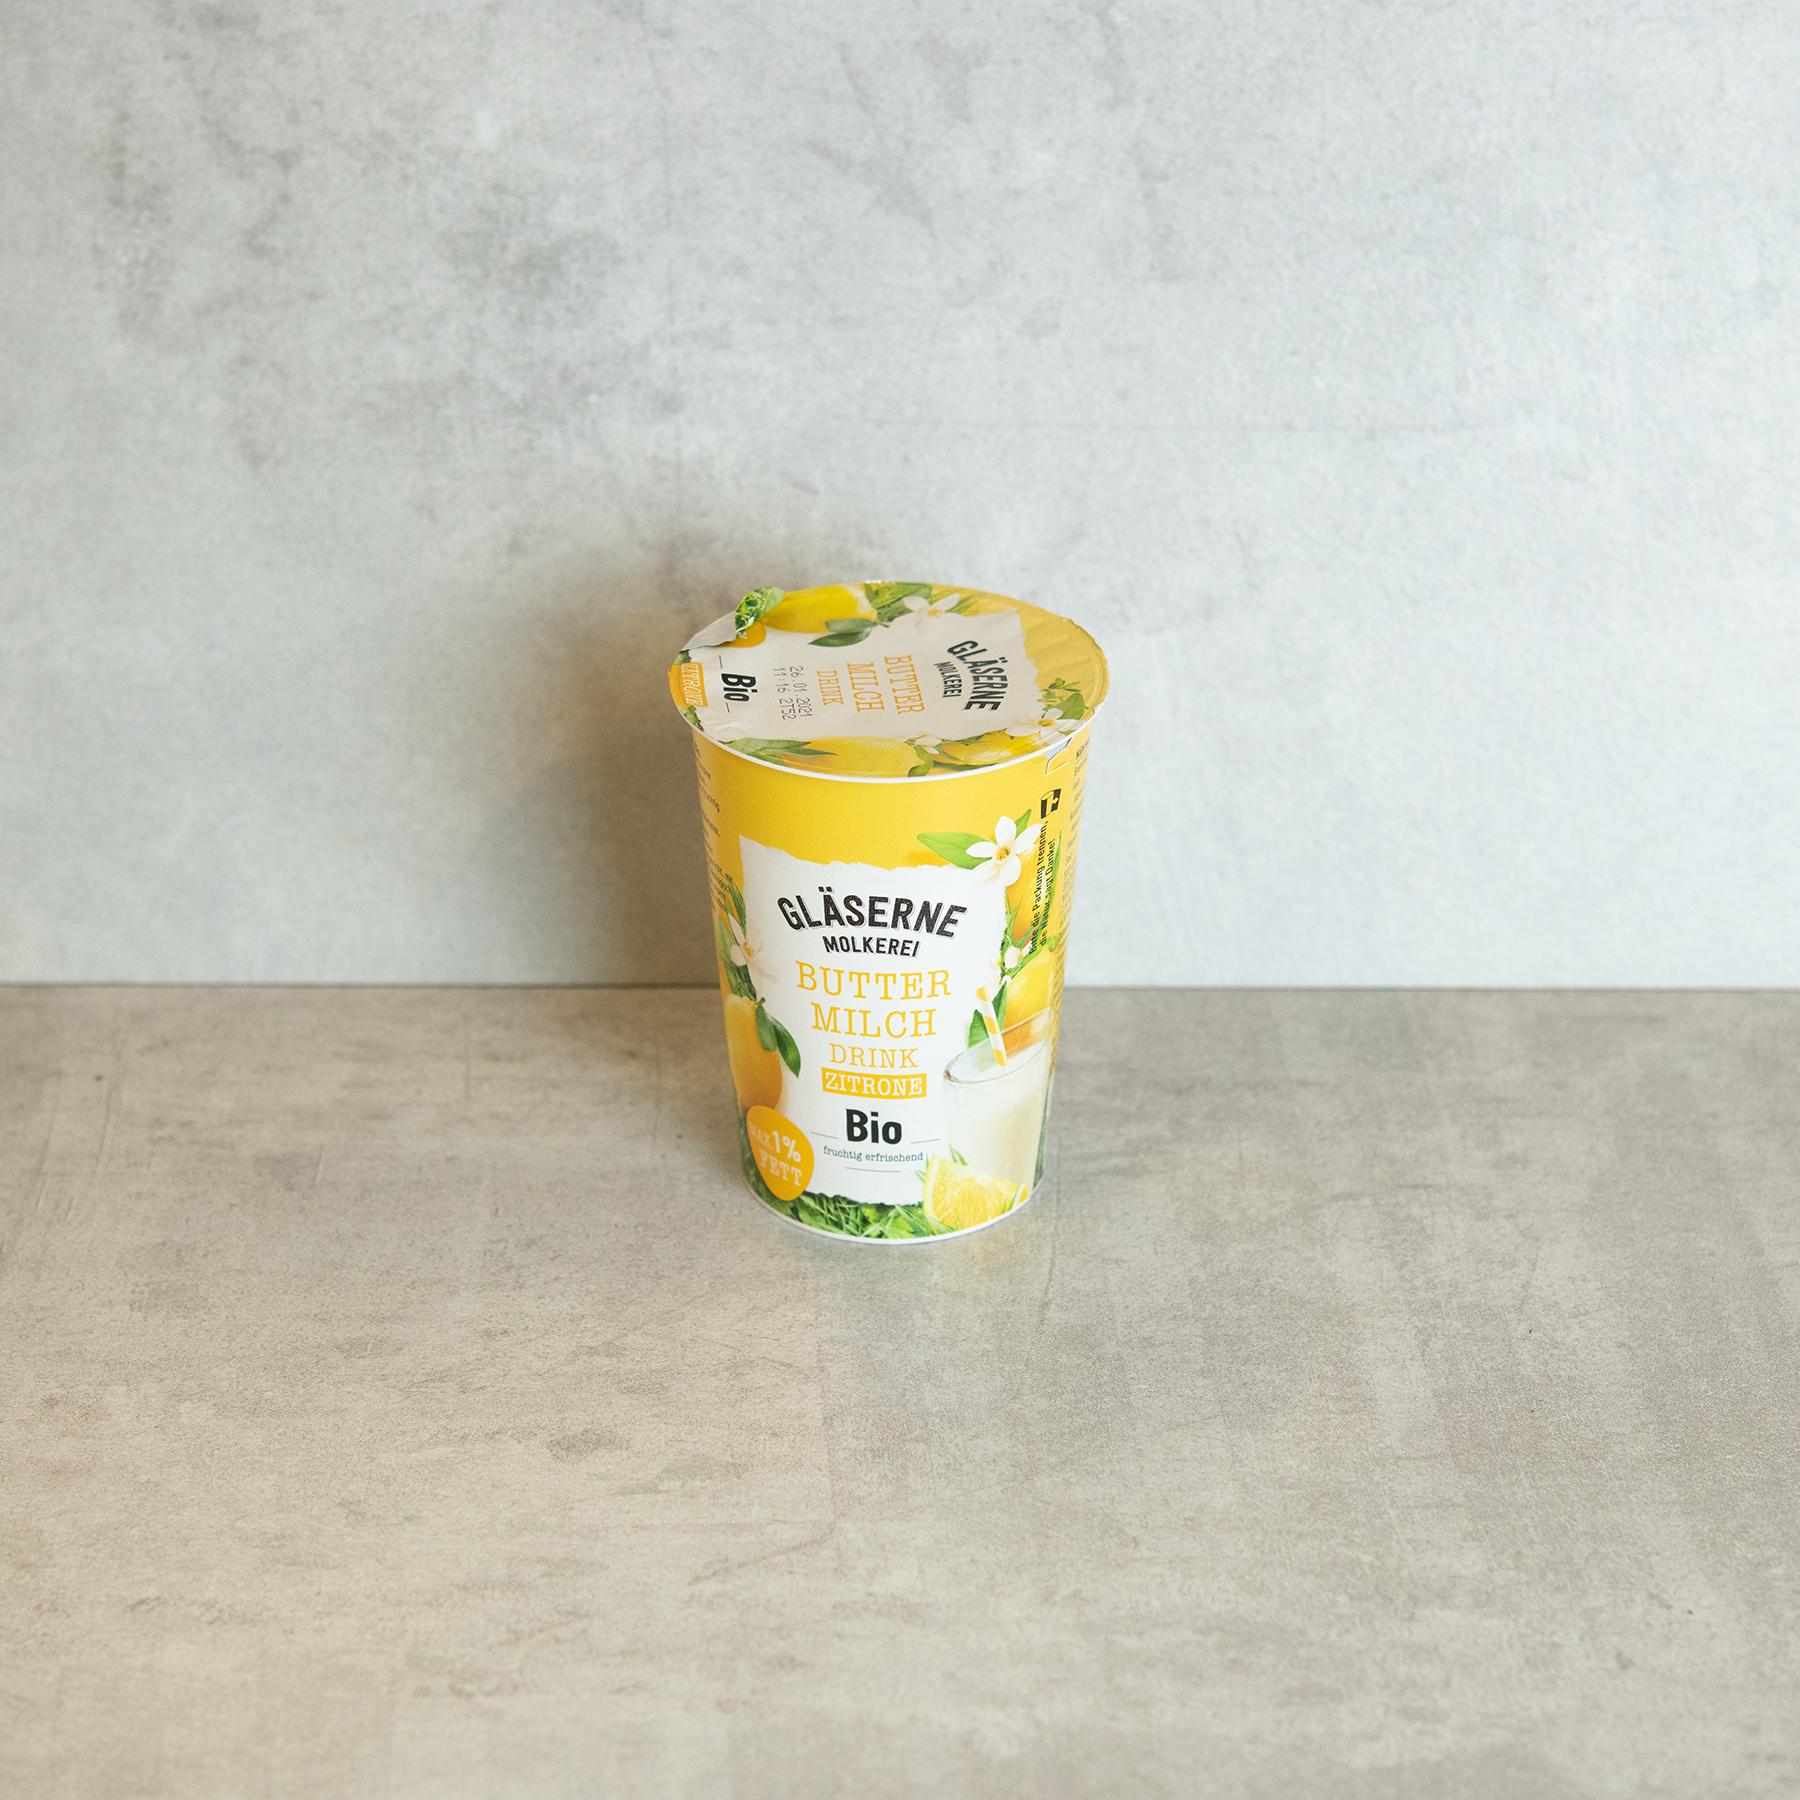 mh20-bio-fruchtbuttermilcherzeugnis-mit-zitrone-500-g-becher-glaeserne-molkerei-markthalle20-1